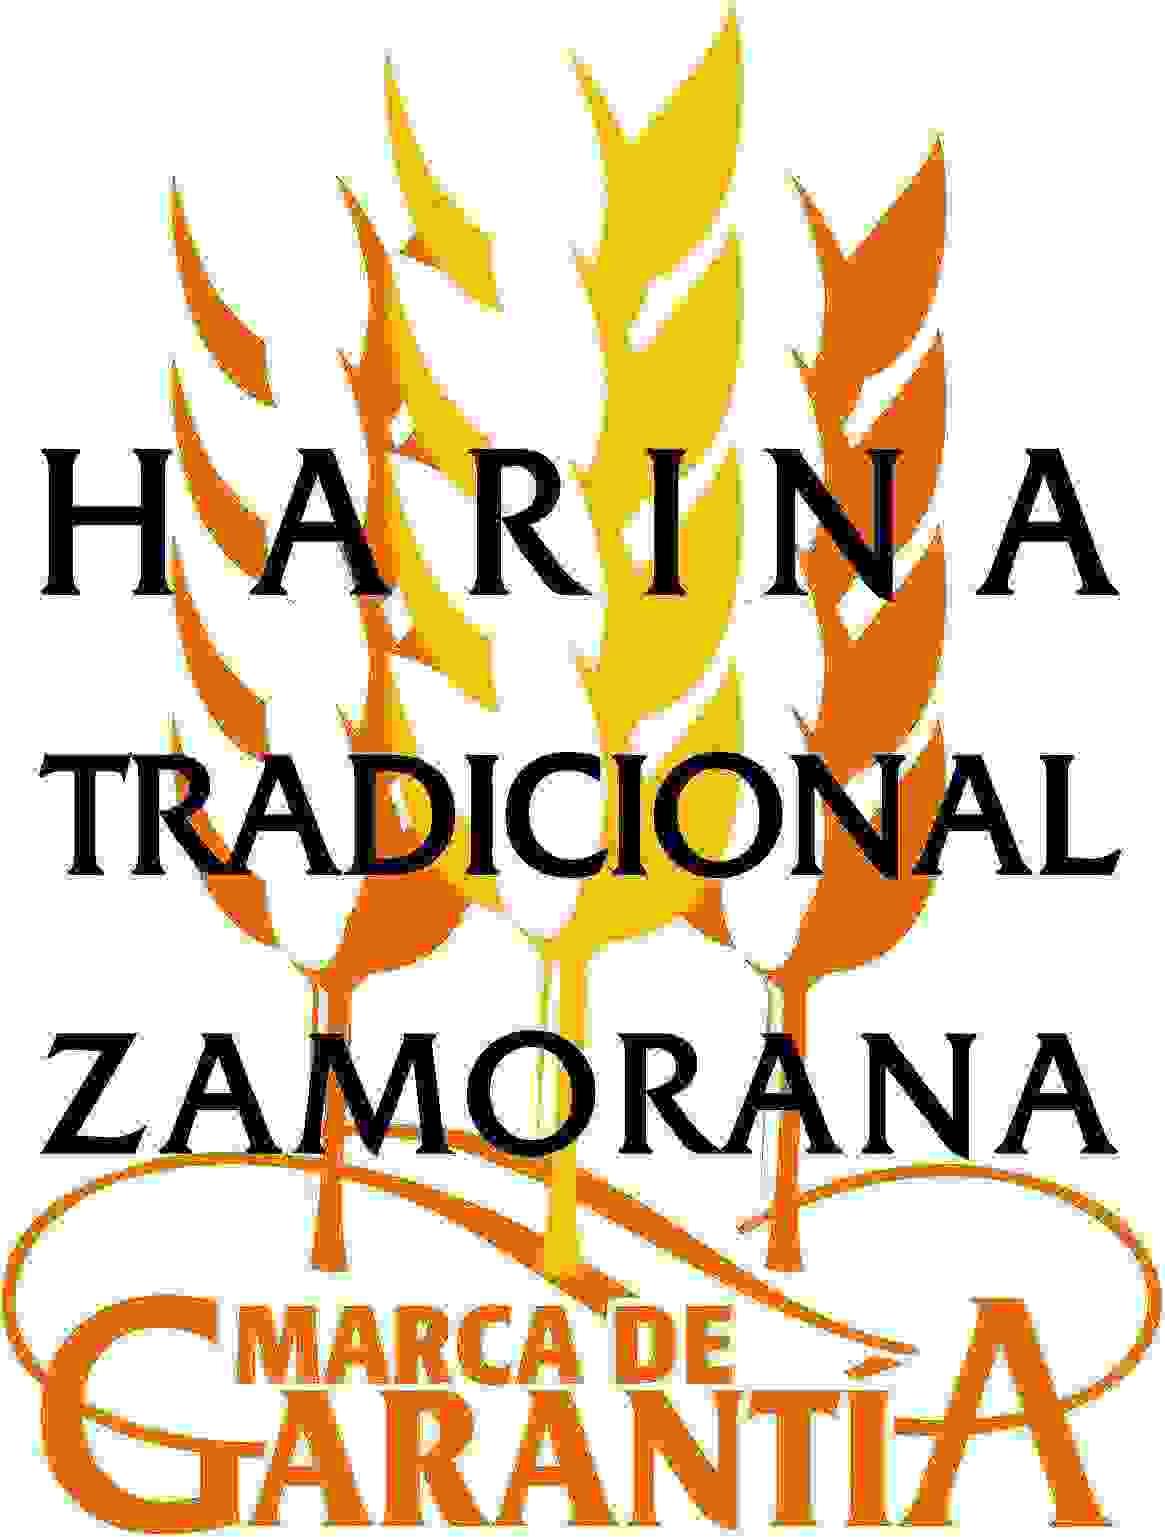 Resultado de imagen de harina tradicional zamorana